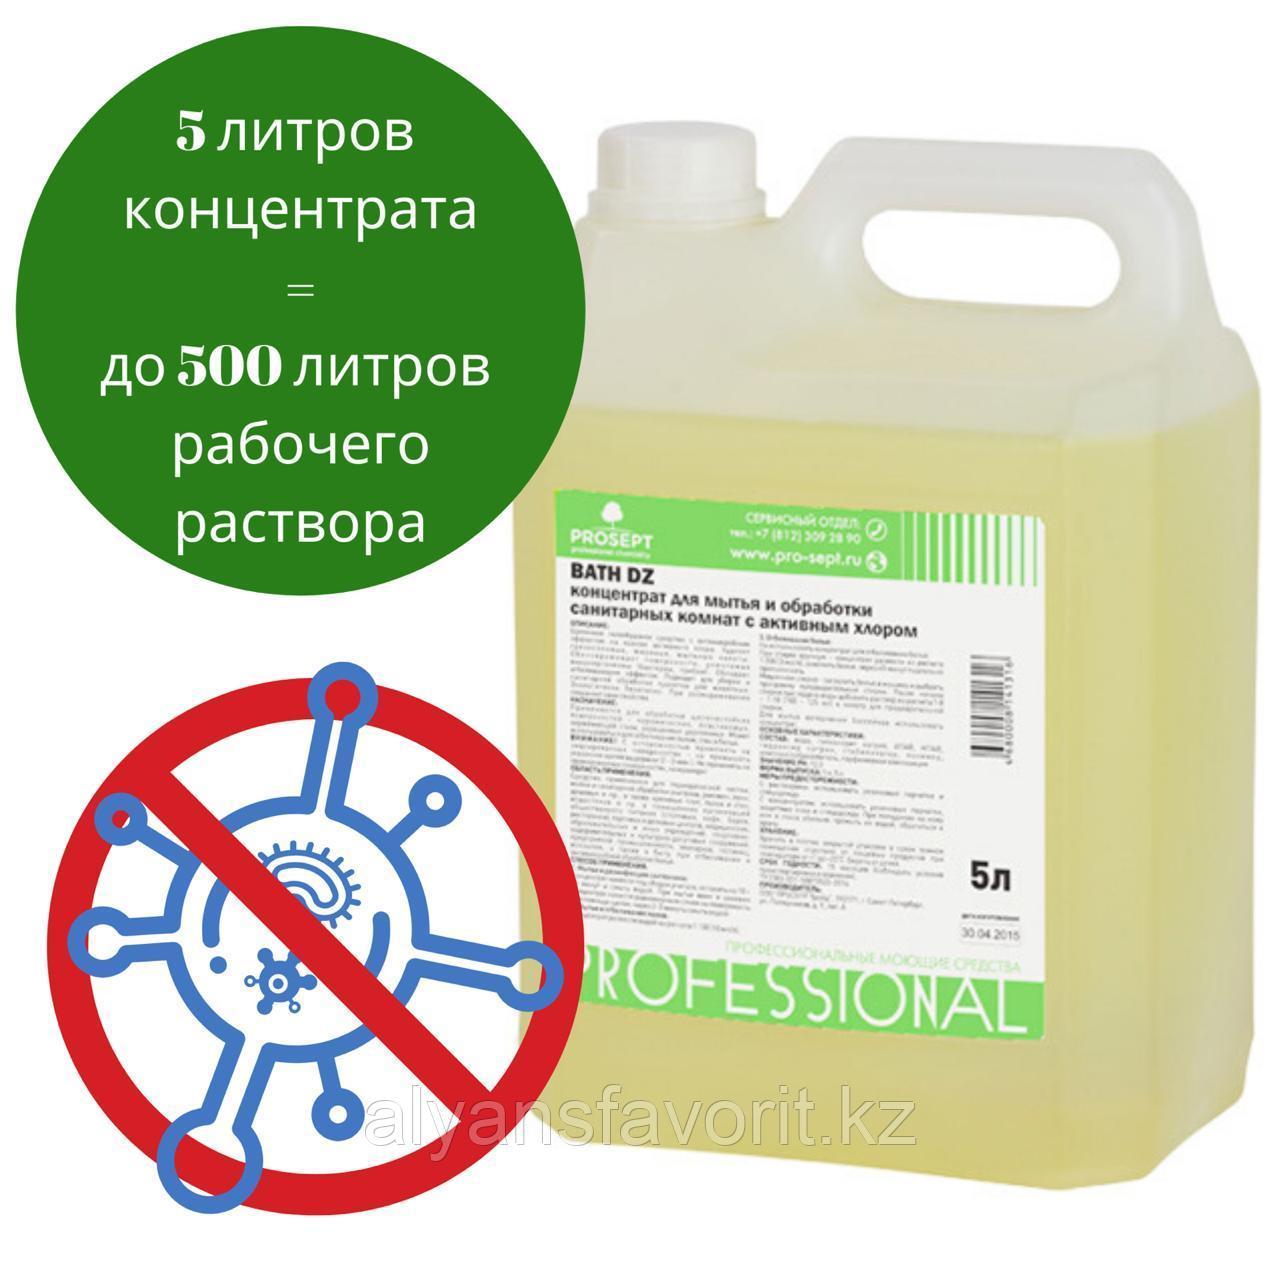 Bath DZ- моющее дезинфицирующие средство на основе хлора.5 литров.РФ